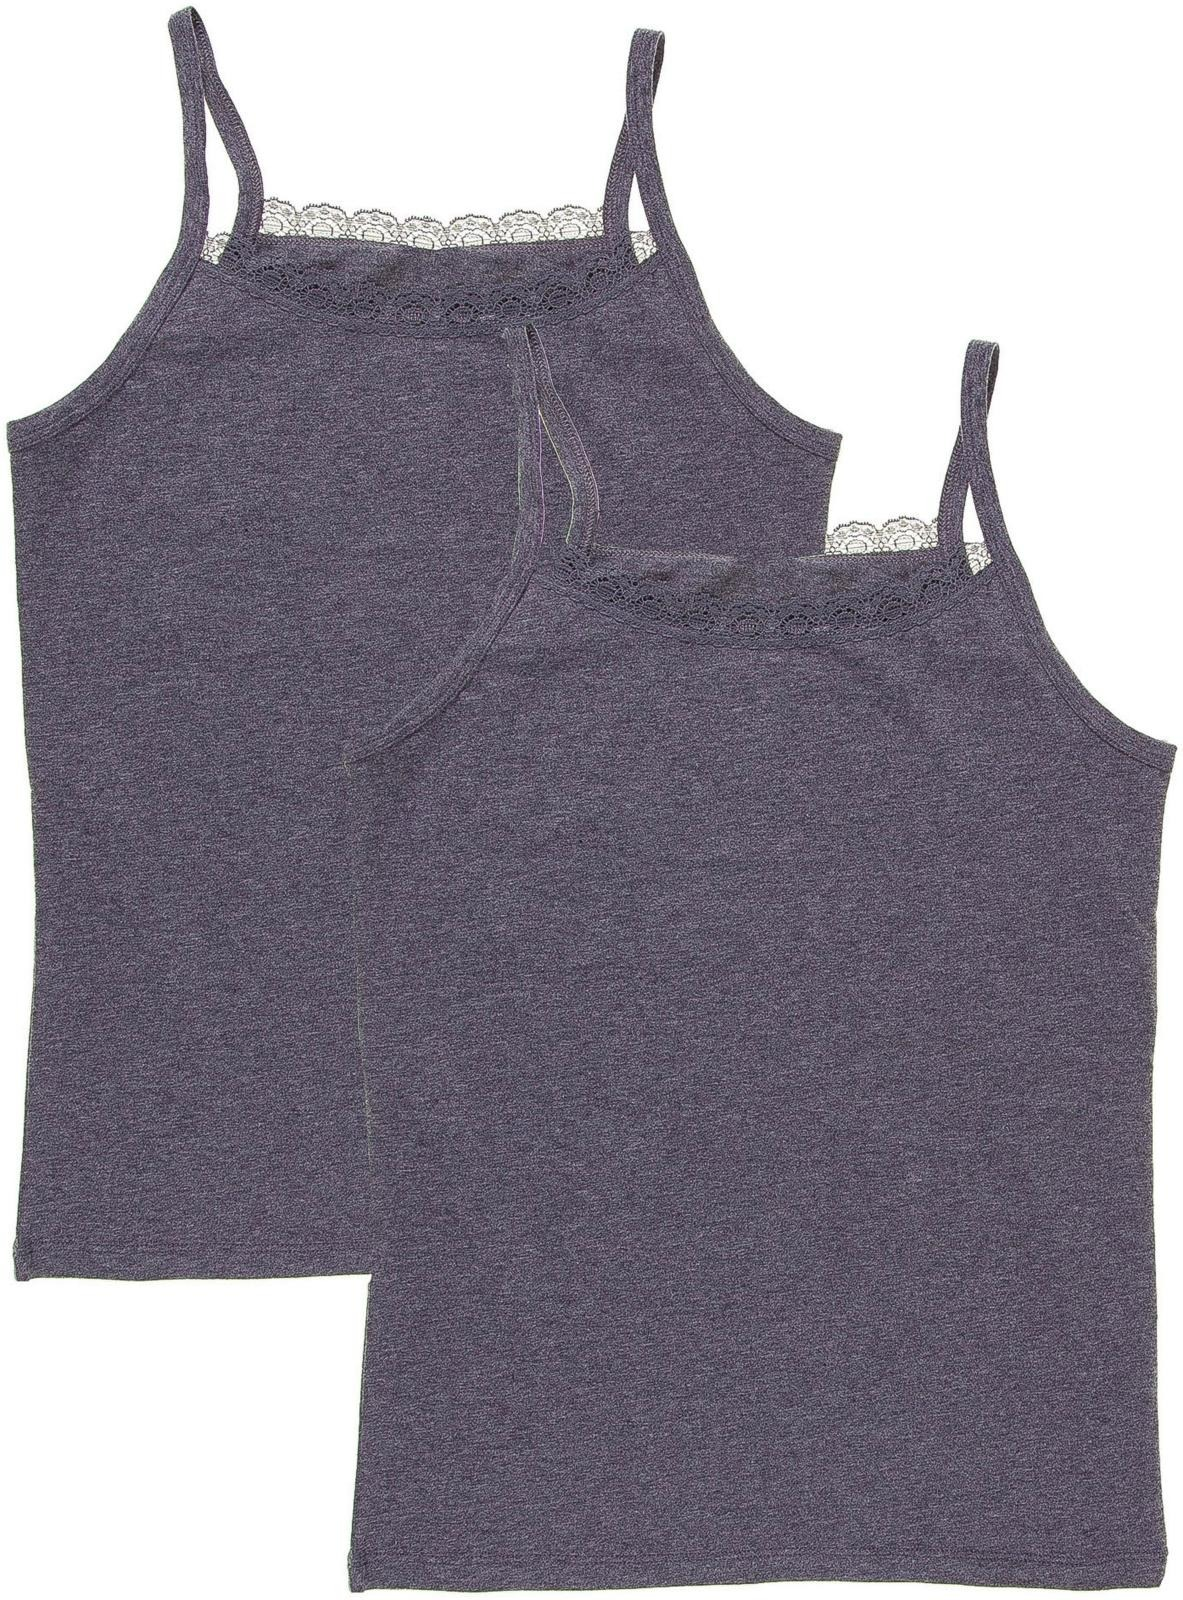 Tyylikäs lasten pitkähihainen musta paita